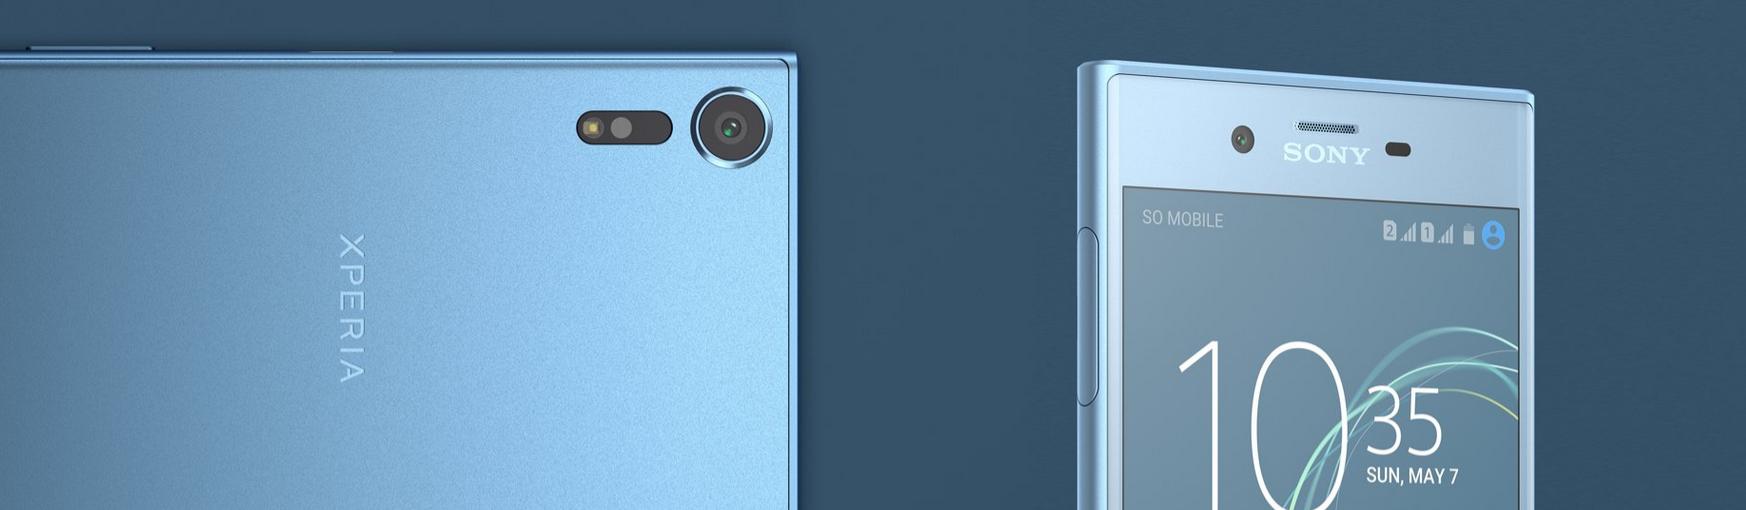 Sony se letos zaměřilo na vypilování designu novinky Sony Xperia XZs, povedlo se na výbornou, smartphone Sony Xperia XZs působí velmi prémiově.